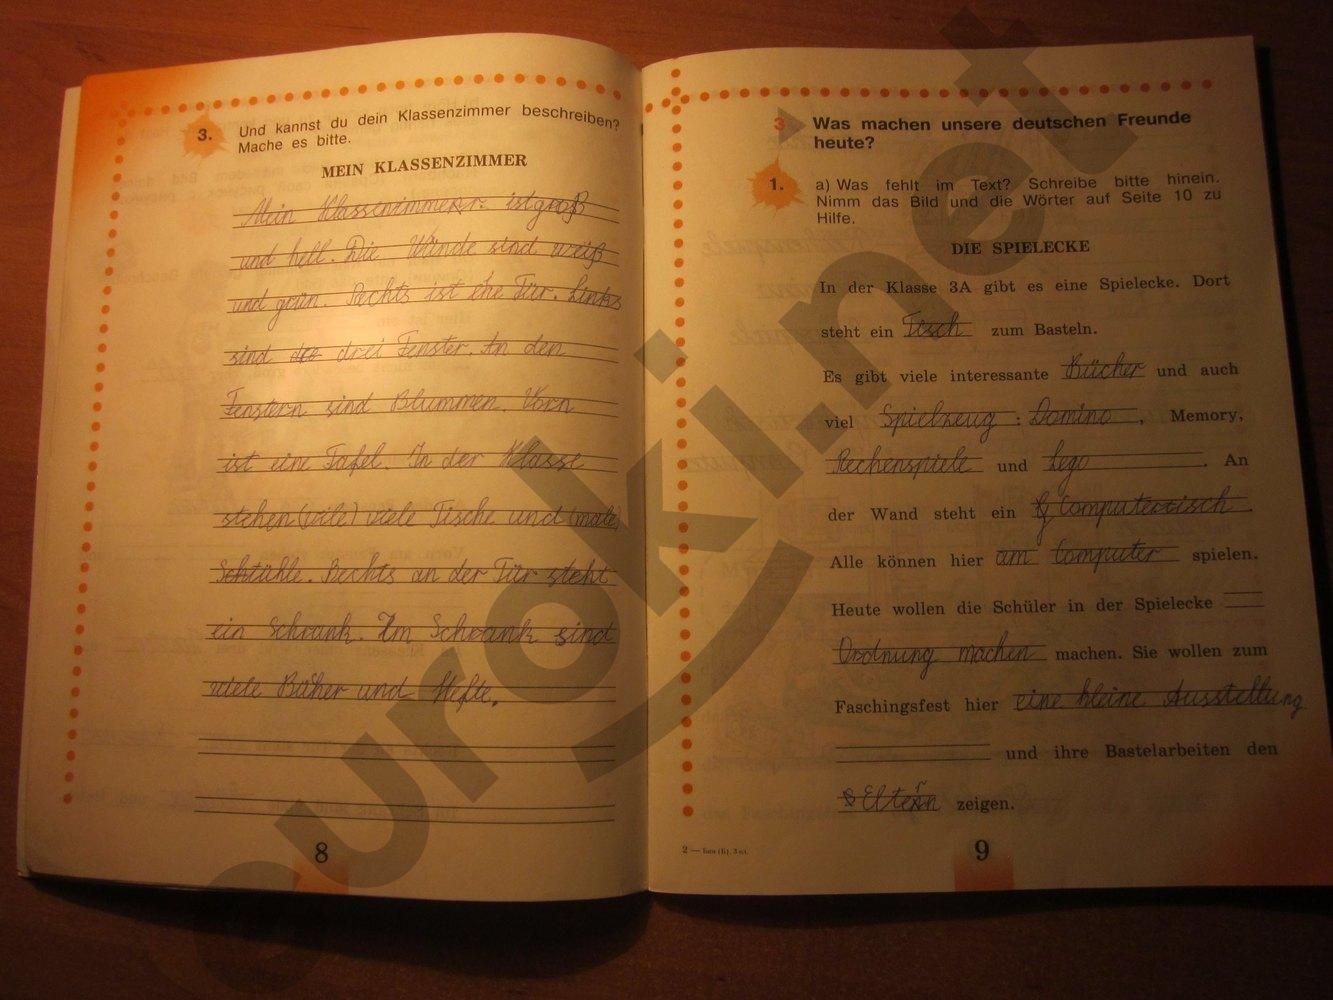 ГДЗ по немецкому языку 3 класс рабочая тетрадь Бим И.Л. Рыжова Л.И. Часть 2. Задание: стр. 8-9